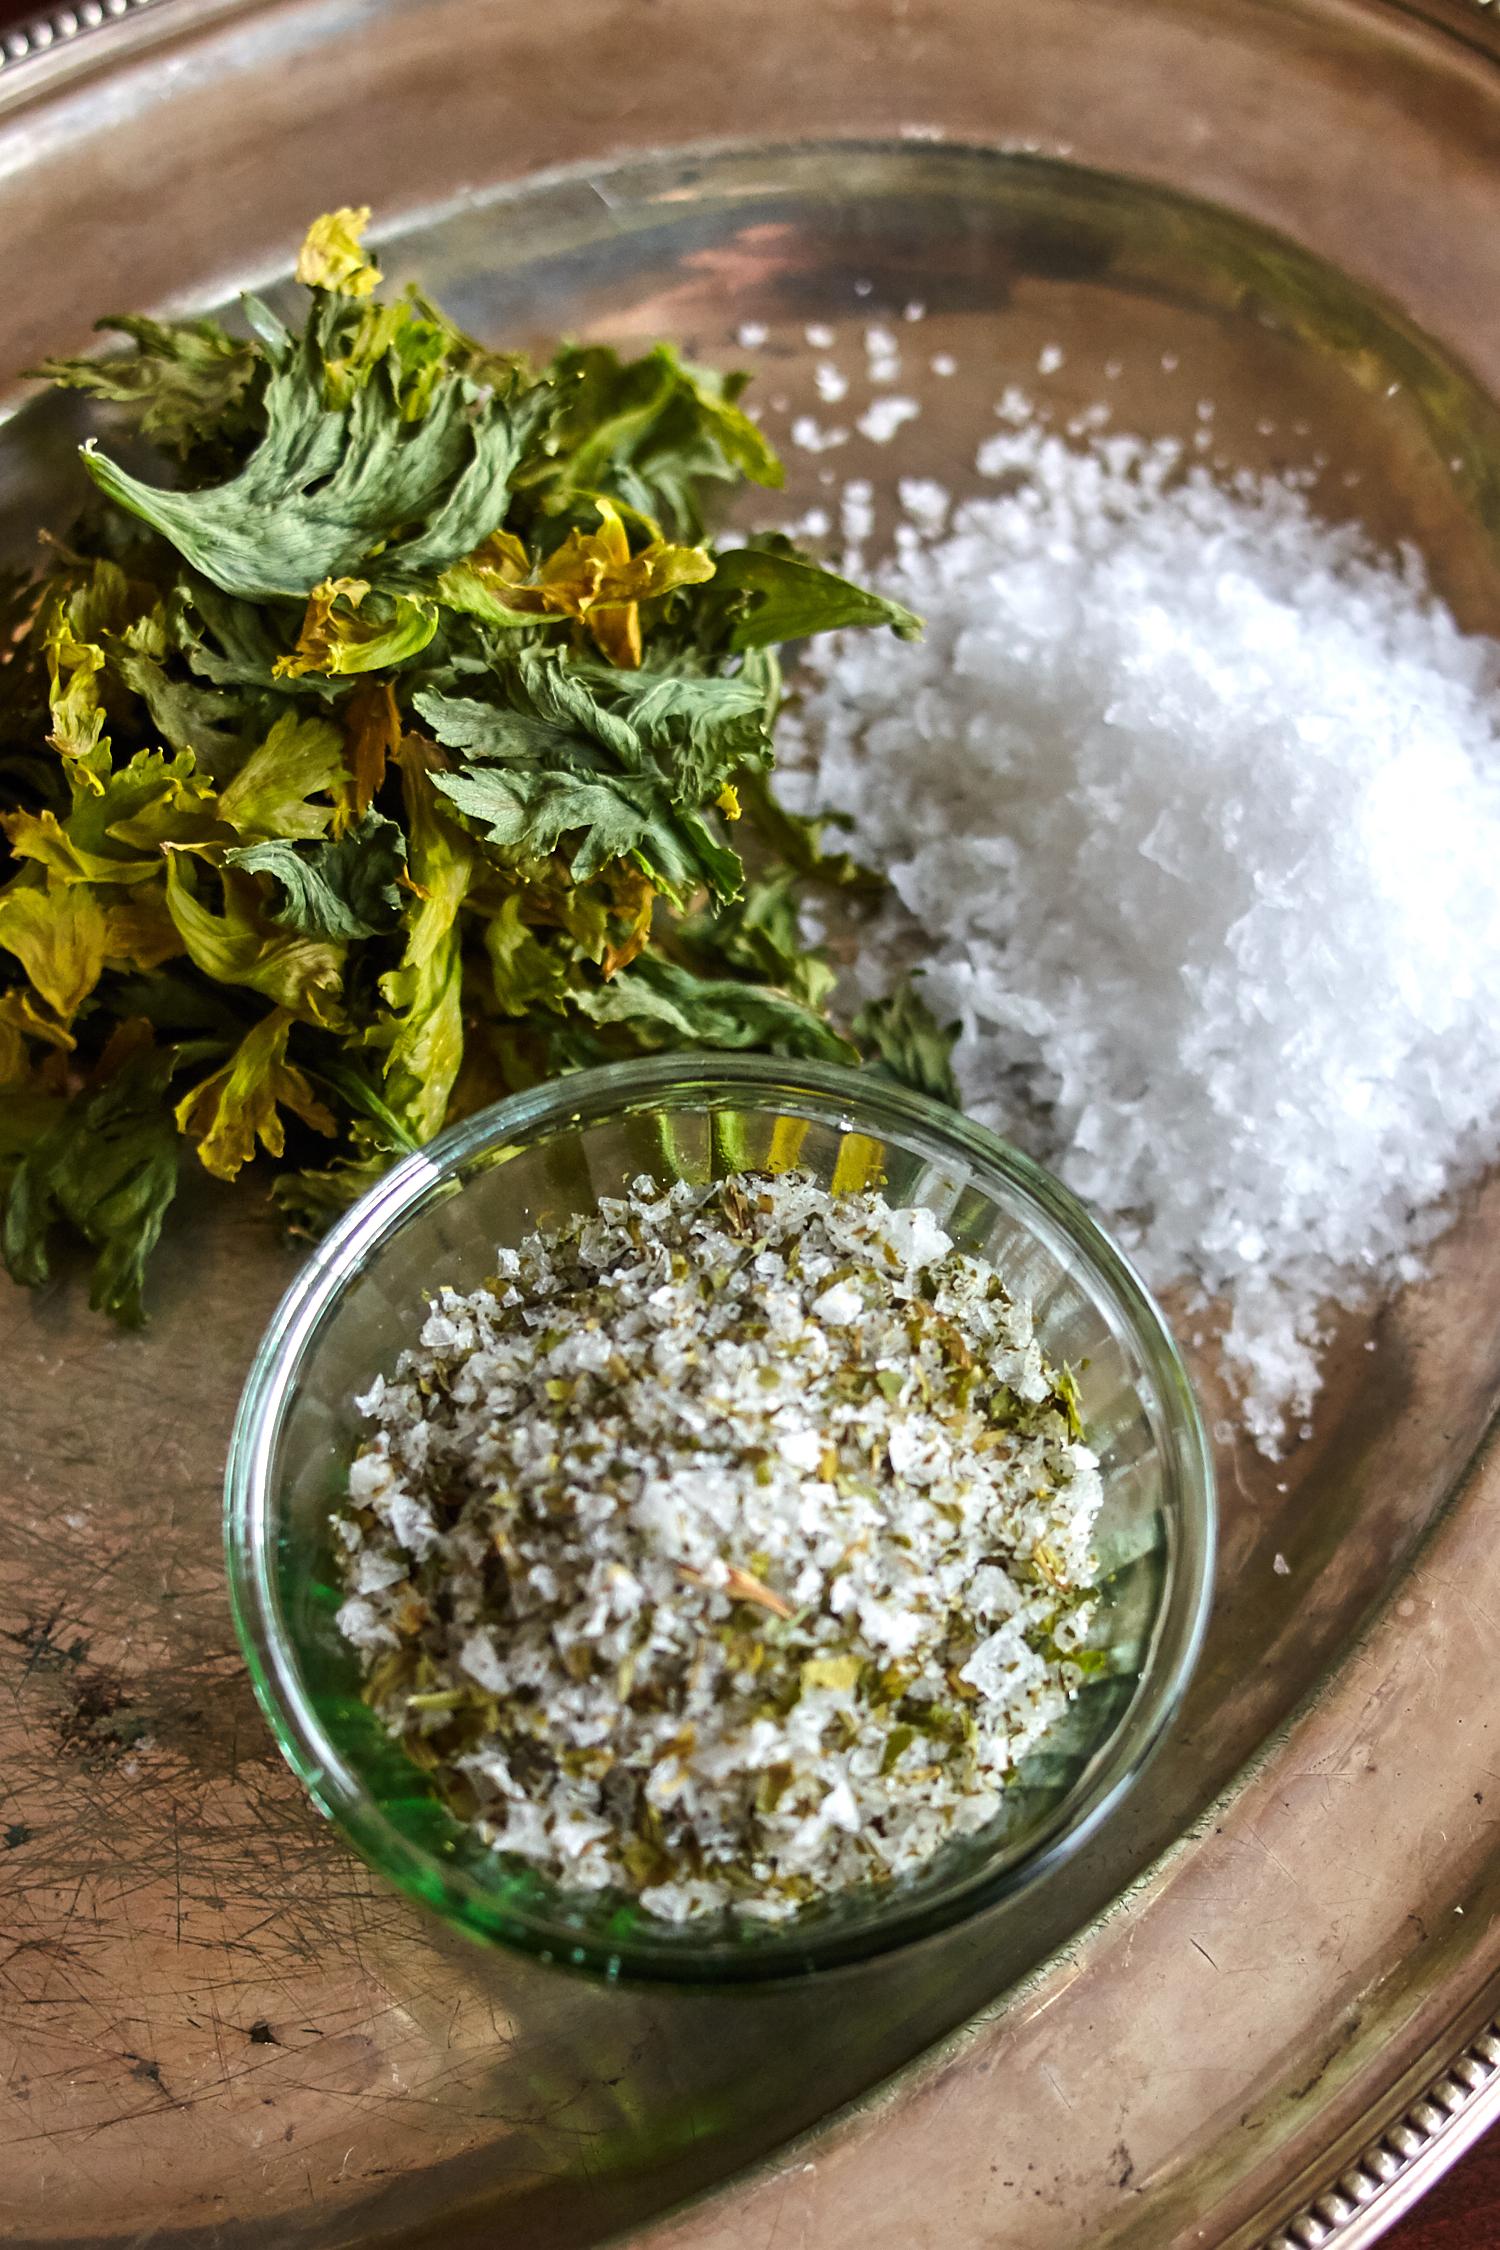 How to Make Homemade Celery Salt